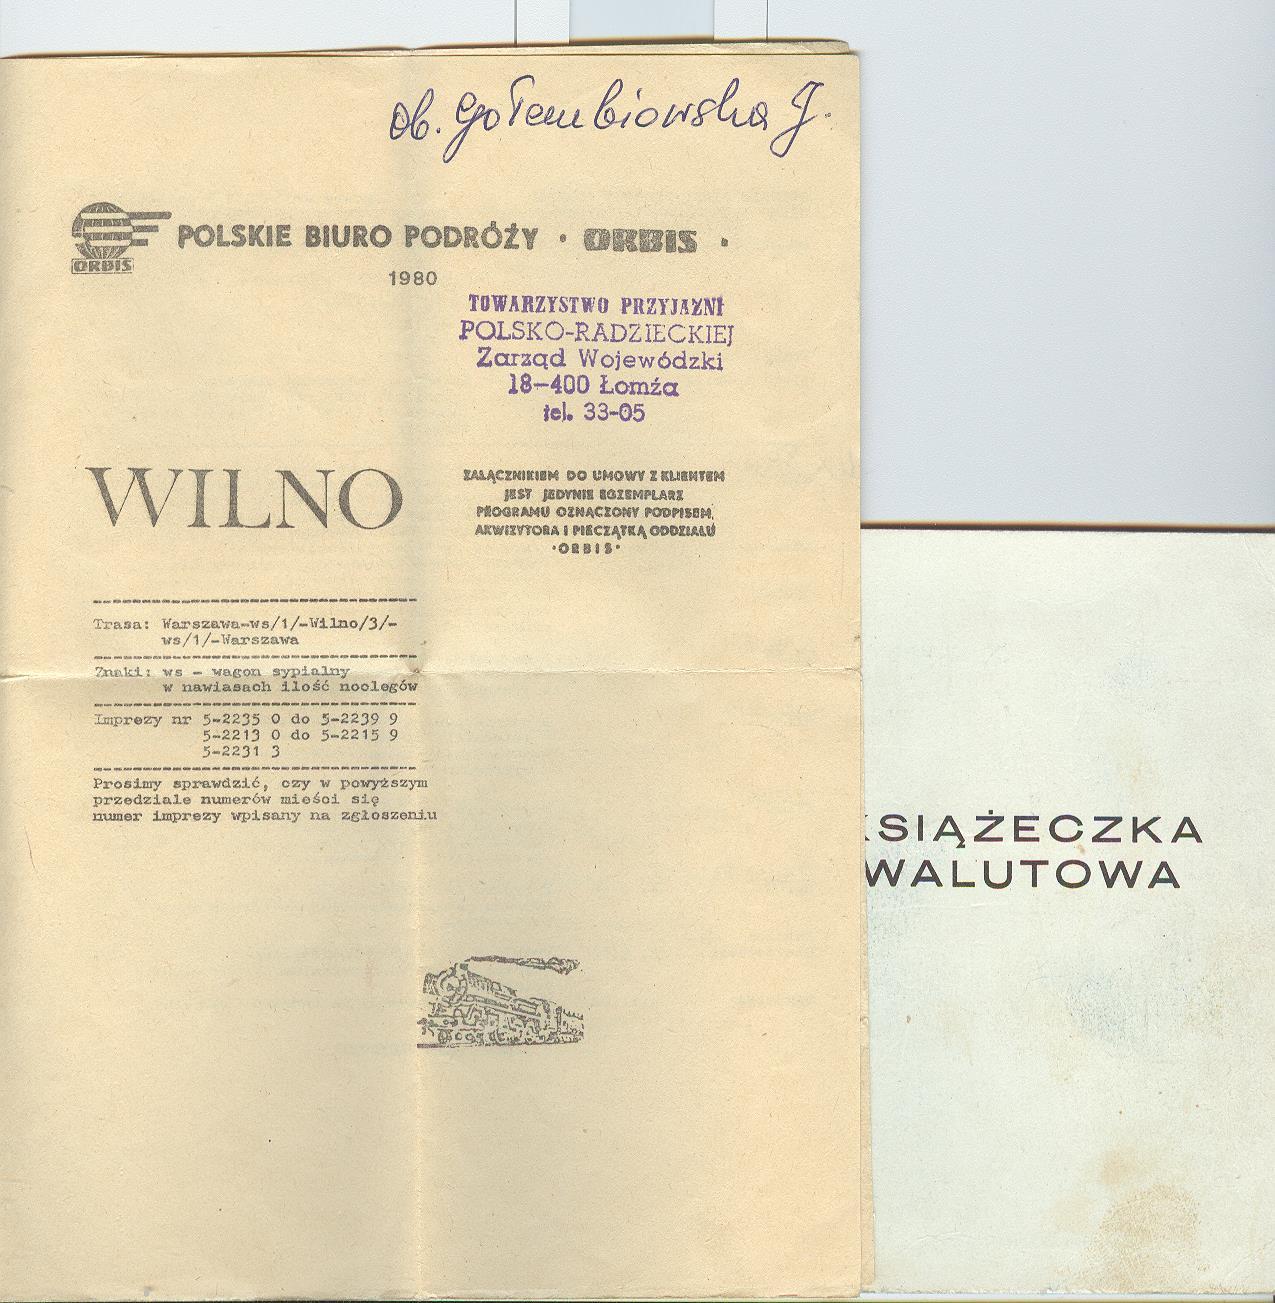 ВАЛЮТНАЯ КНИГА PRL ORBIS, ВИЛЬНЮС, 1980 г.